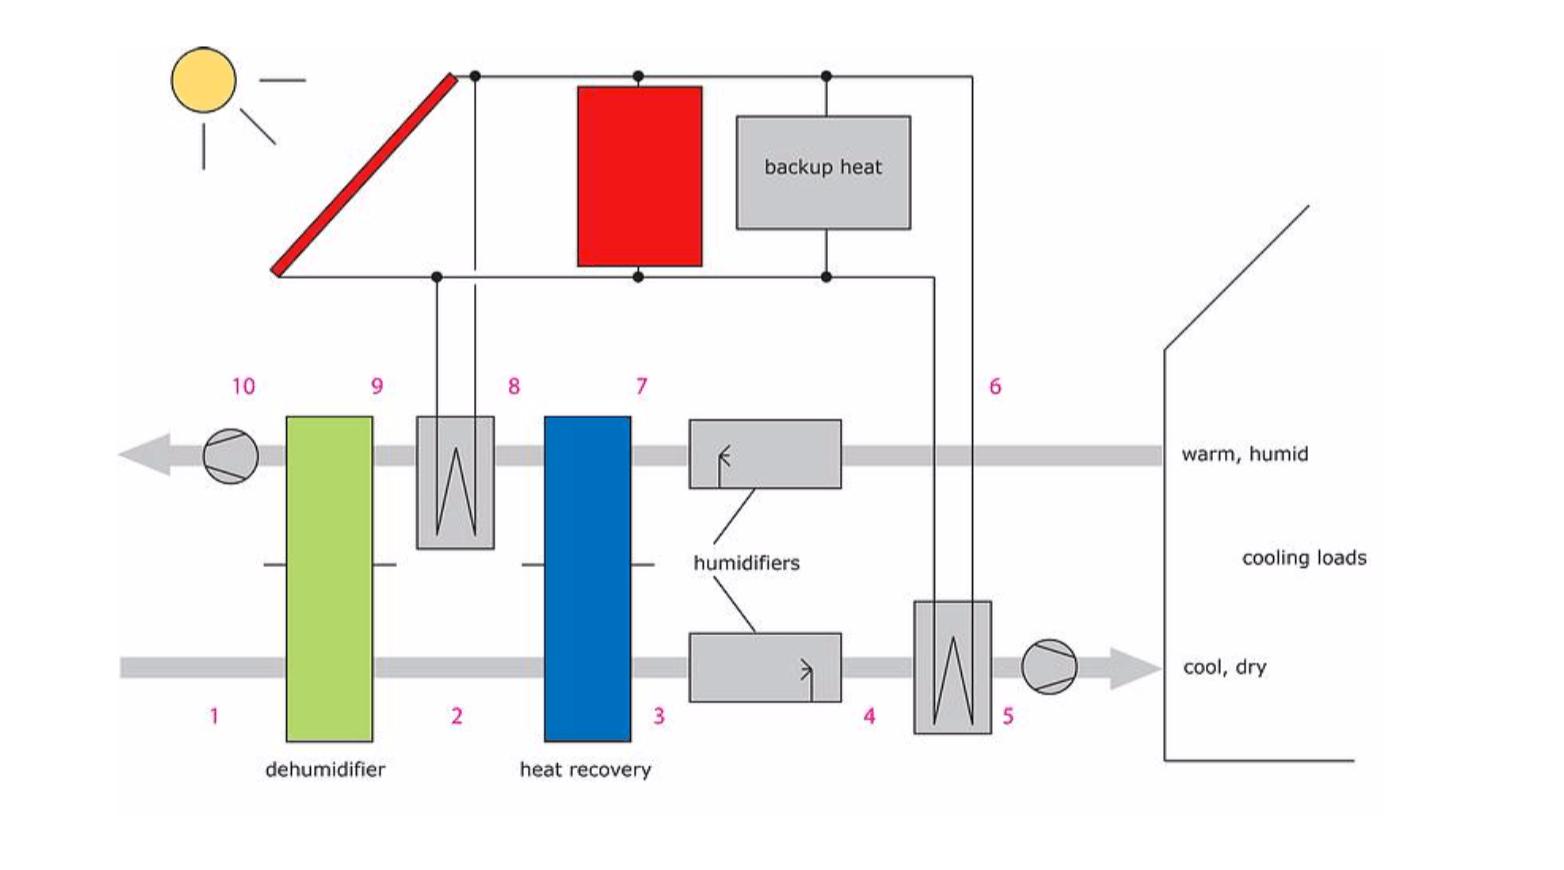 hight resolution of solar dehumidification